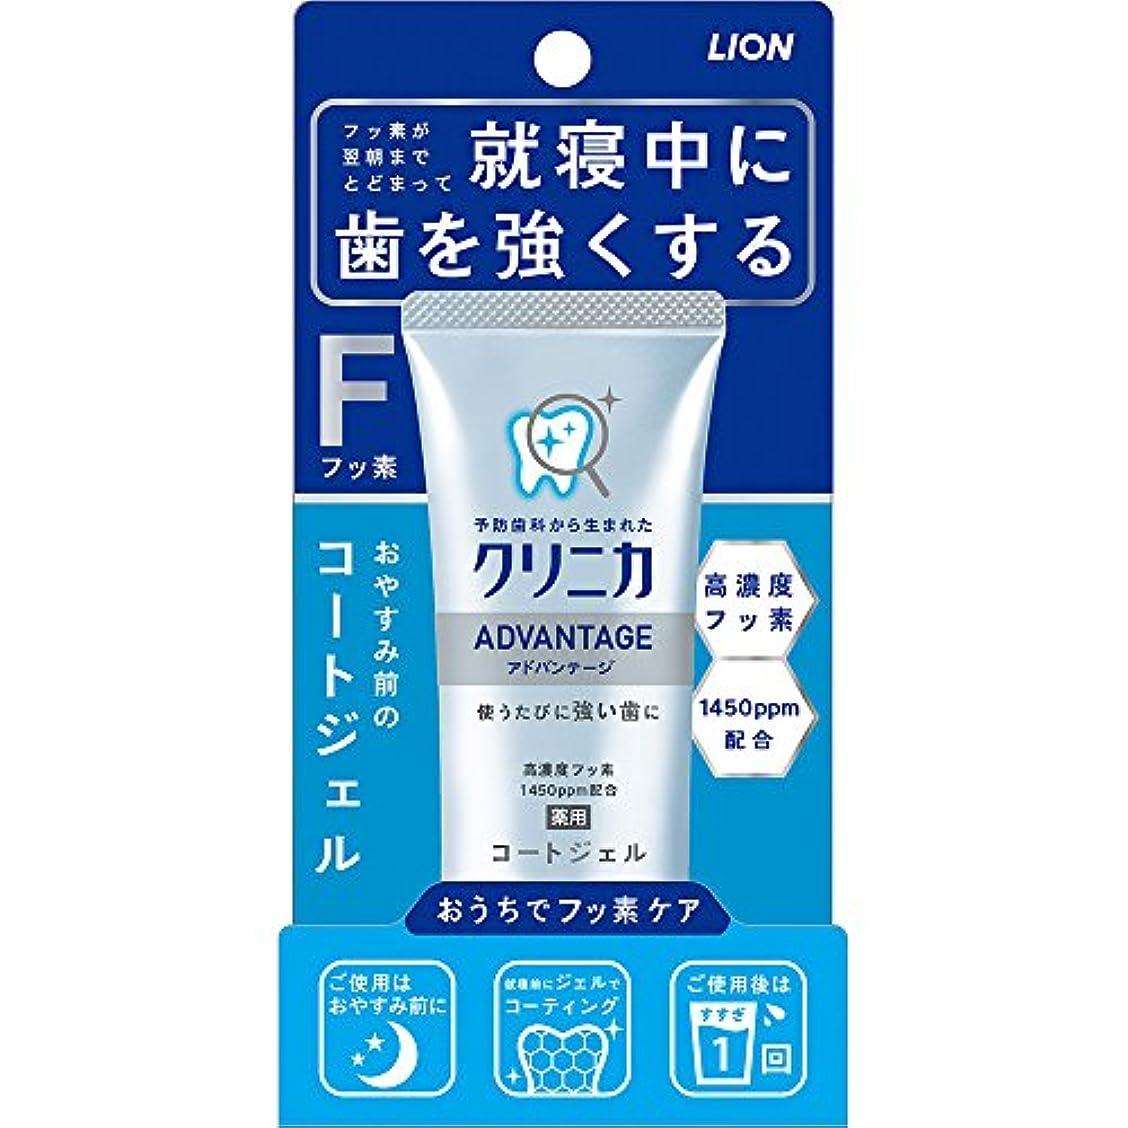 クリニカアドバンテージ コートジェル 60g (医薬部外品)